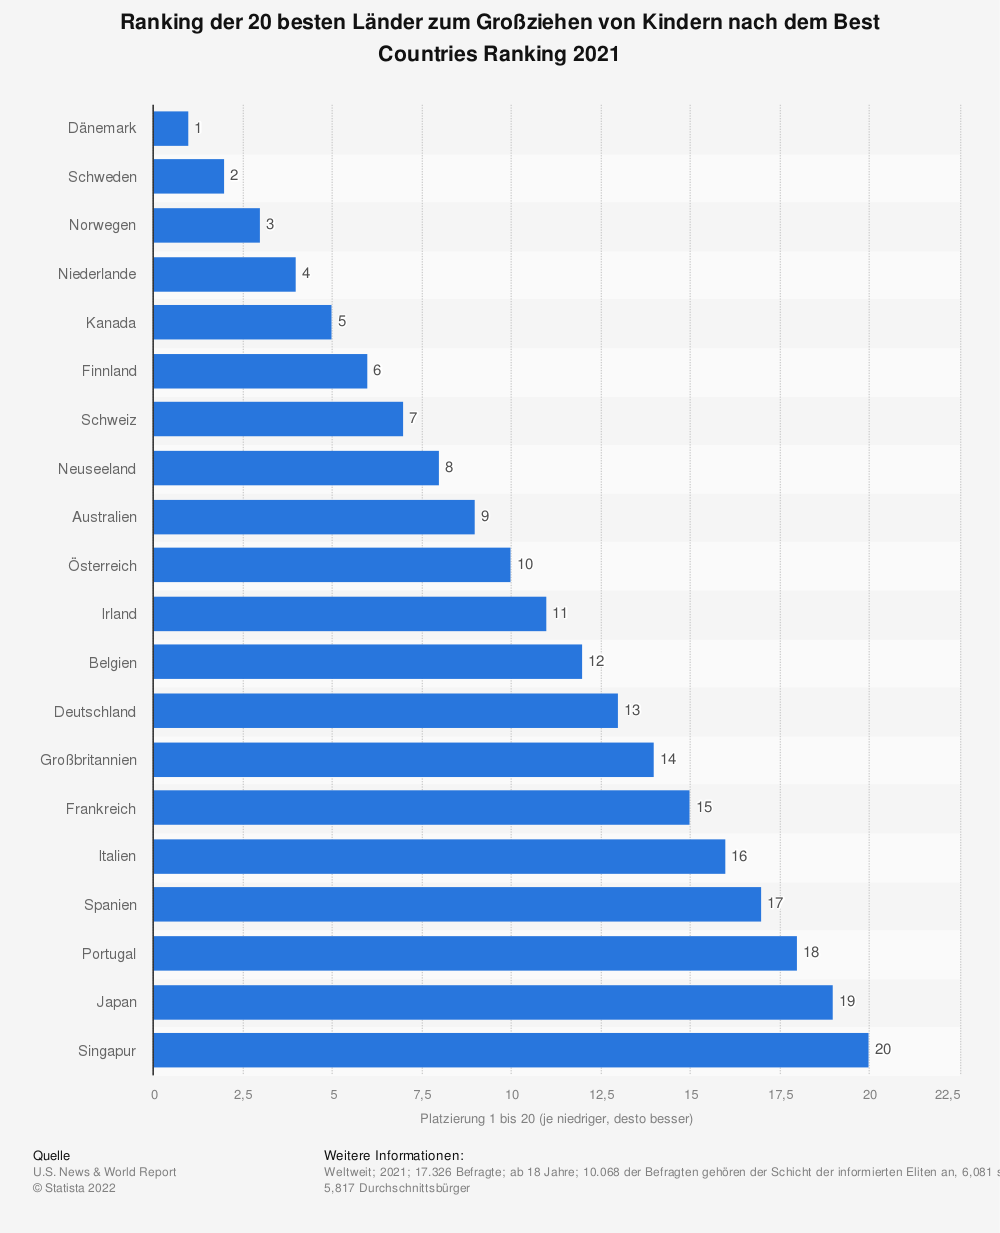 Statistik: Ranking der 20 besten Länder zum Großziehen von Kindern nach dem Best Countries Ranking 2021 | Statista